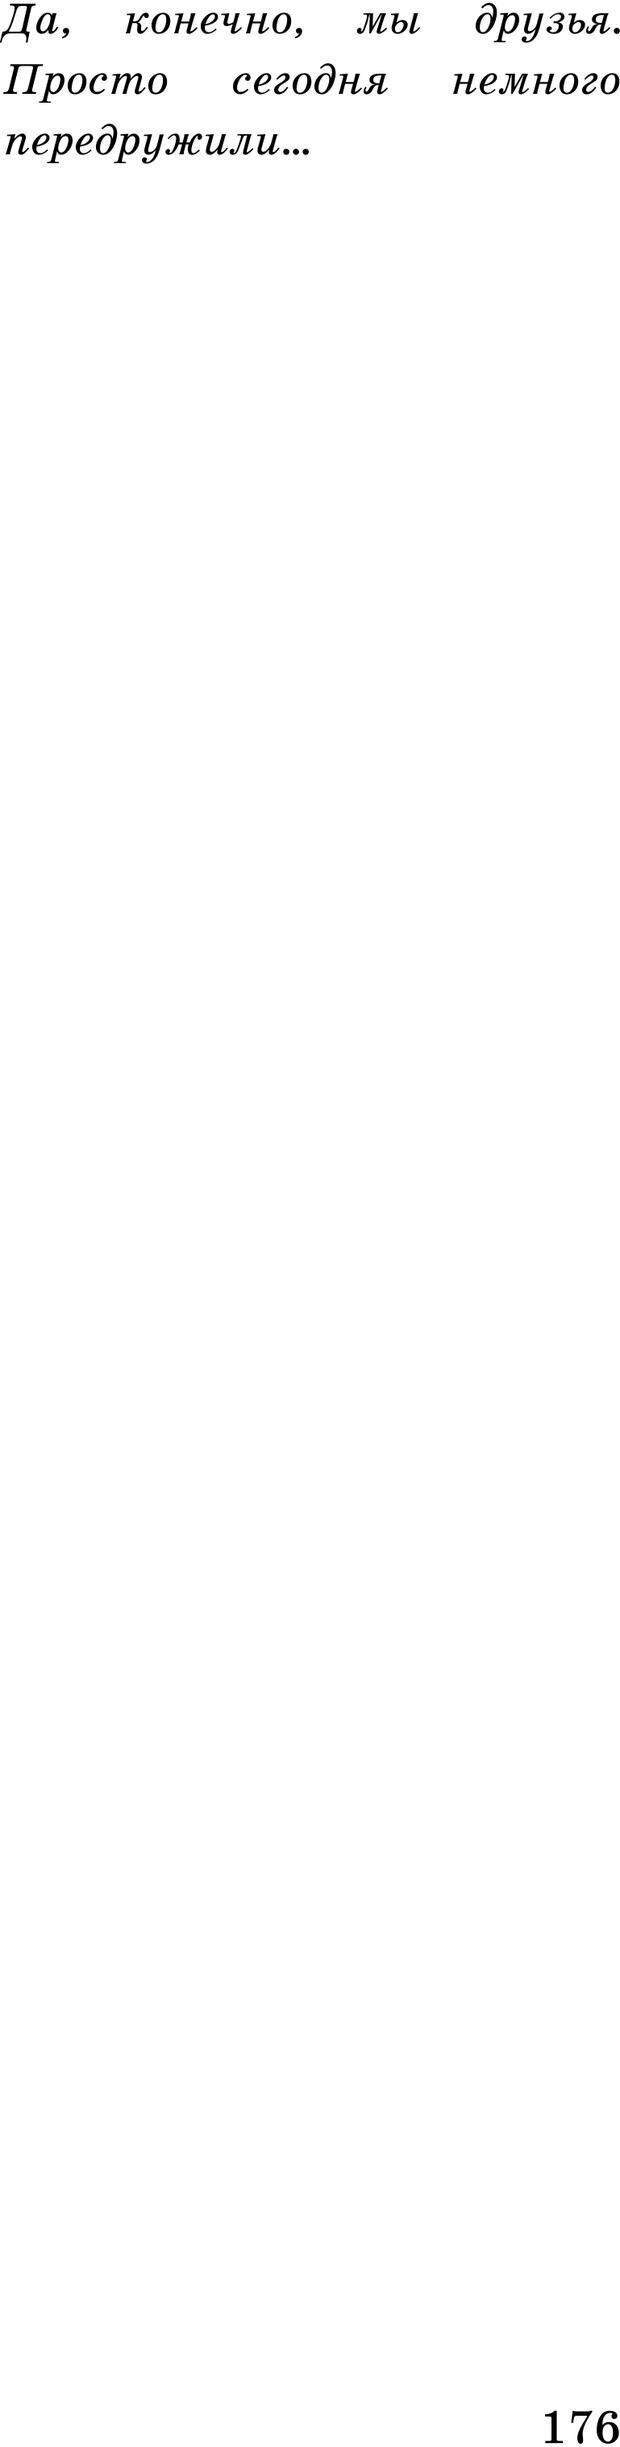 PDF. Русская Модель Эффективного Соблазнения. Мастерский курс. Богачев Ф. О. Страница 171. Читать онлайн